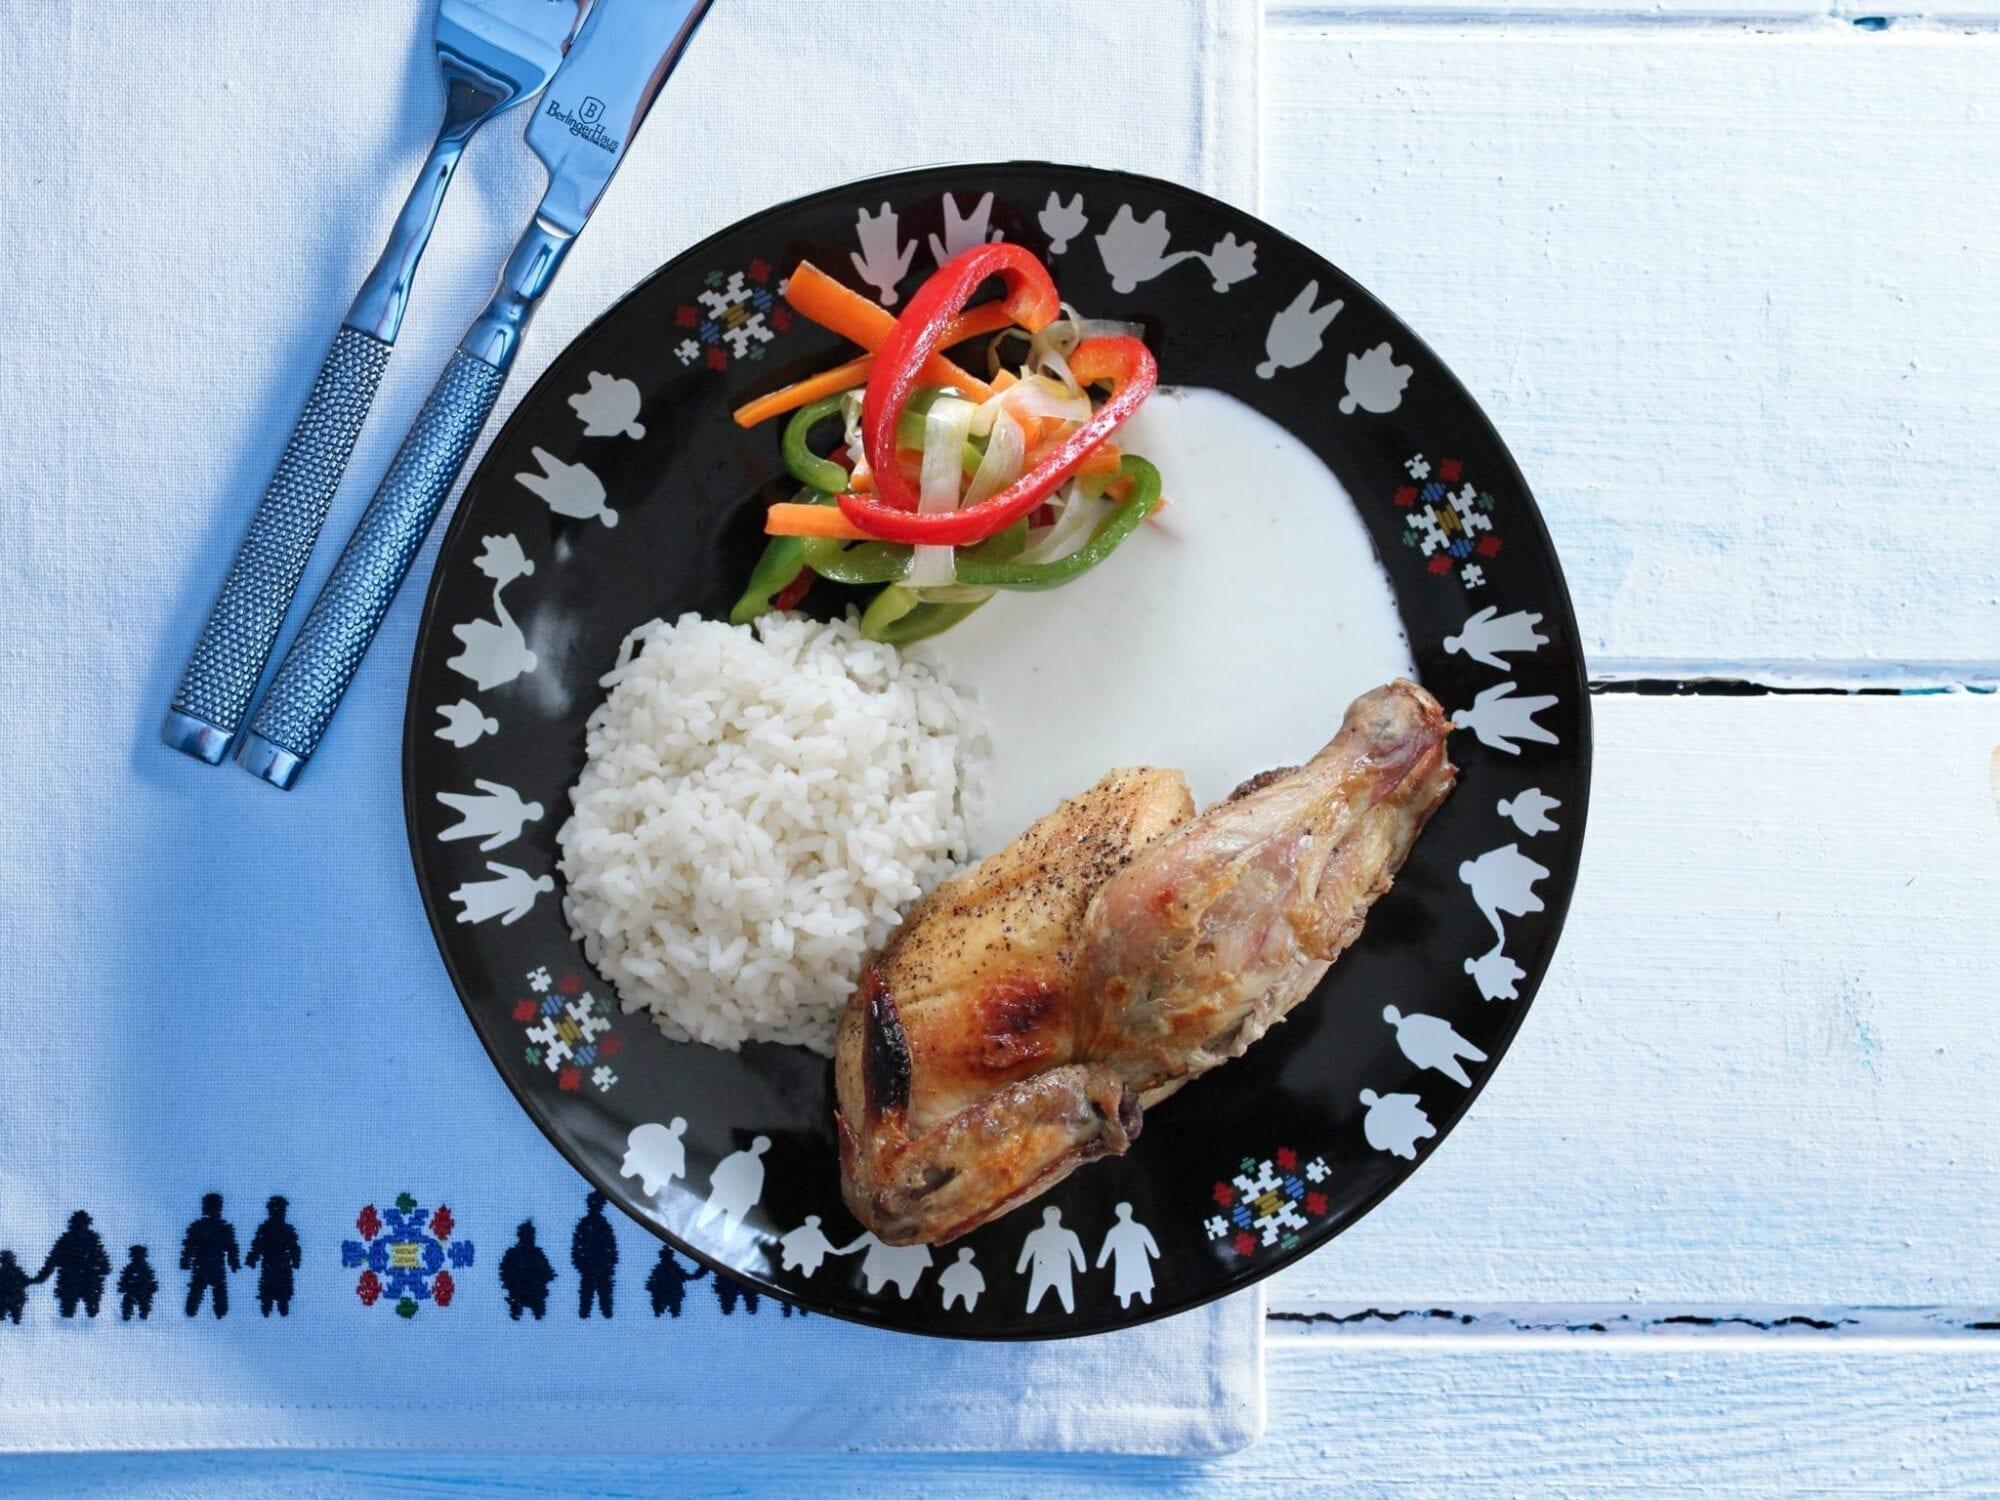 Mamarisavut kylling med yoghurtdressing